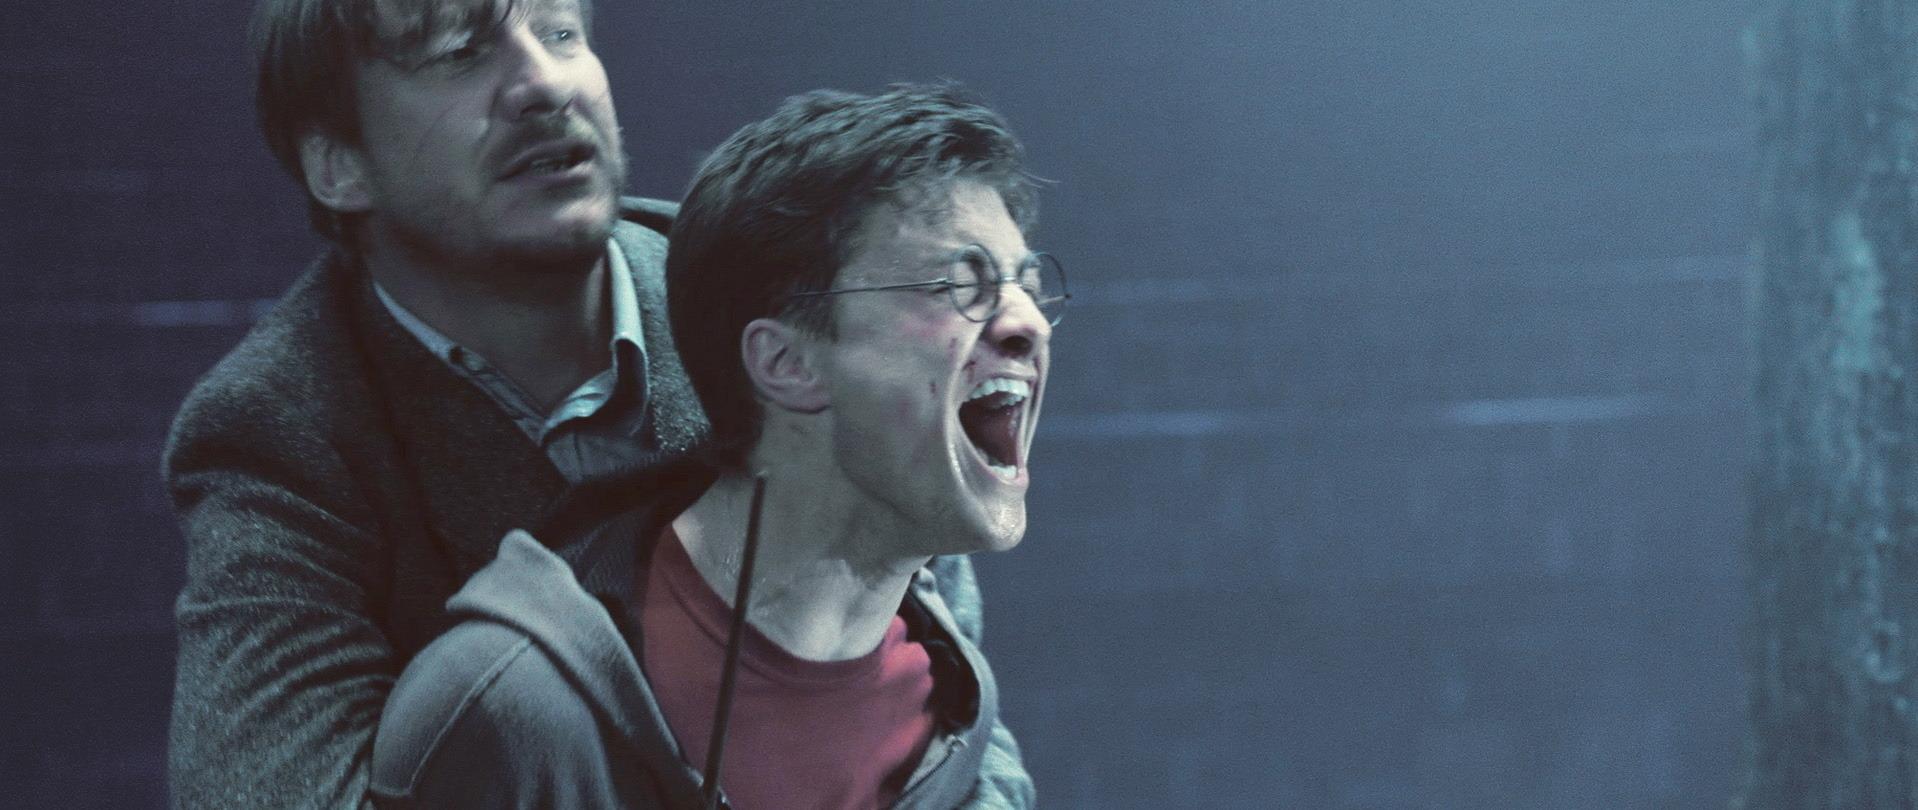 Daniel Radcliffe reveals his favourite Harry Potter film